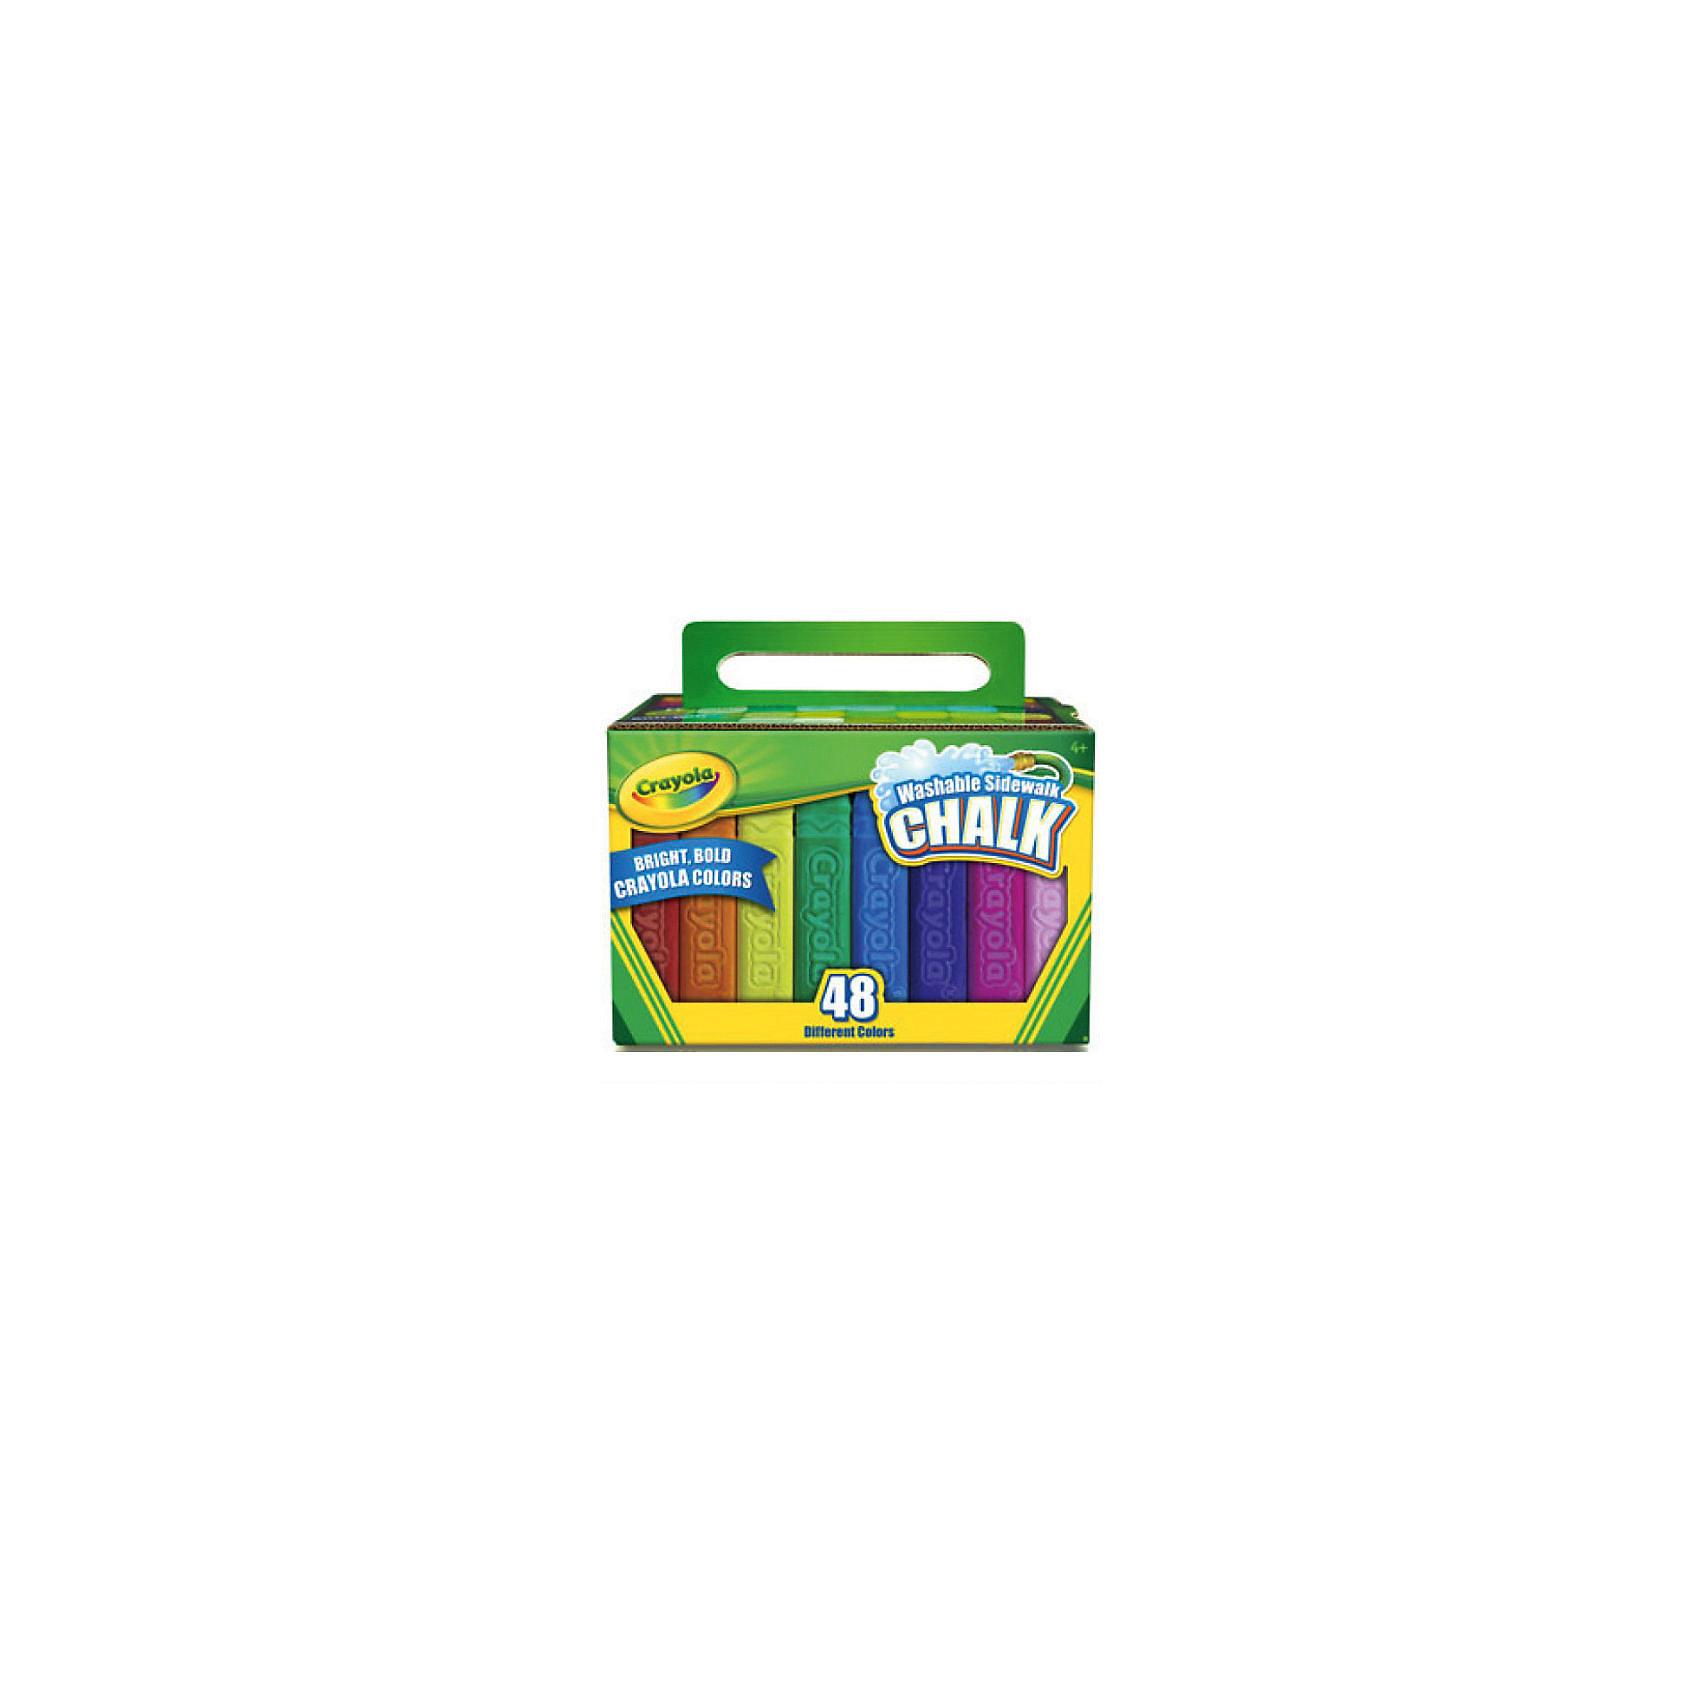 Мел для рисования на асфальте, 48 шт., CrayolaЭто самый большой набор из серии смываемых мелков Crayola (Крайола). В компактном картонном сундучке вы найдете 48 различных оттенков, с помощью которых можно нарисовать все, что угодно. <br>Каждый мелок размером 10х2,5 см благодаря своей уникальной утолщенной форме обладает повышенной ударопрочностью. При падении на асфальт или сильном нажиме мелок не раскалывается, что позволяет ему максимально долго радовать юного художника. <br>Еще одно достоинство новых мелков Crayola (Крайола) – невероятно яркие, насыщенные цвета. Ваш рисунок будет выгодно отличаться от прочих. <br>Мелки действительно смываются. Для этого нужно просто полить необходимый участок водой, и изображение исчезнет. Так же легко от мелков очищаются детские руки и одежда.<br><br>Дополнительная информация:<br><br>Размер каждого мелка: 10х2,5 см<br>Размеры коробки: 12х17,1х13 см.<br><br>Мел для рисования на асфальте, 48 шт., Crayola можно купить в нашем магазине.<br><br>Ширина мм: 179<br>Глубина мм: 132<br>Высота мм: 129<br>Вес г: 1456<br>Возраст от месяцев: 48<br>Возраст до месяцев: 96<br>Пол: Унисекс<br>Возраст: Детский<br>SKU: 3449168